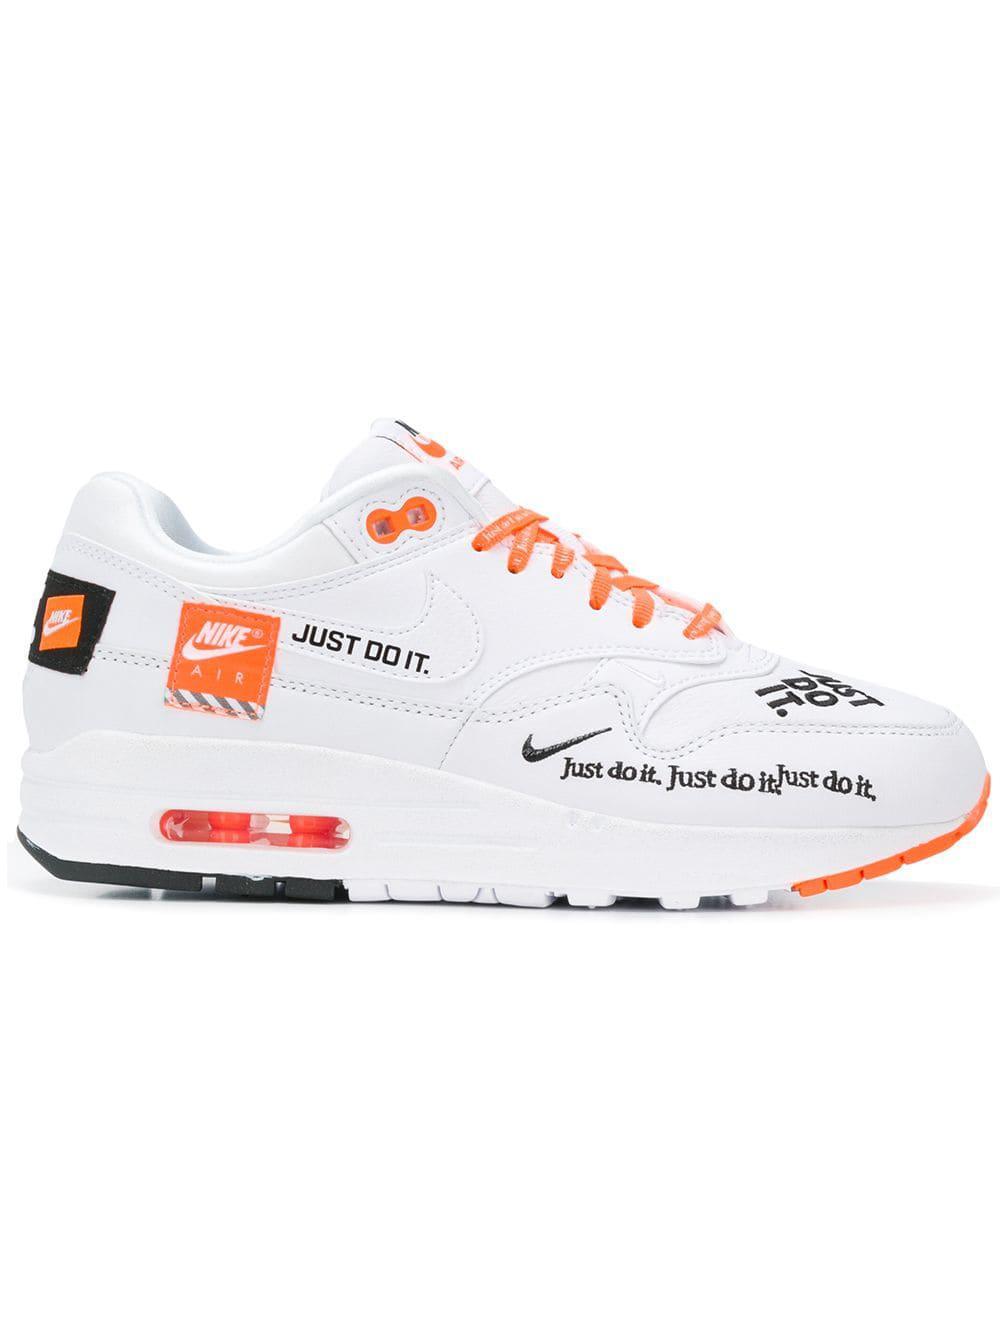 Baskets Air Max 1 Just Do It Cuir Nike pour homme en coloris Blanc ...